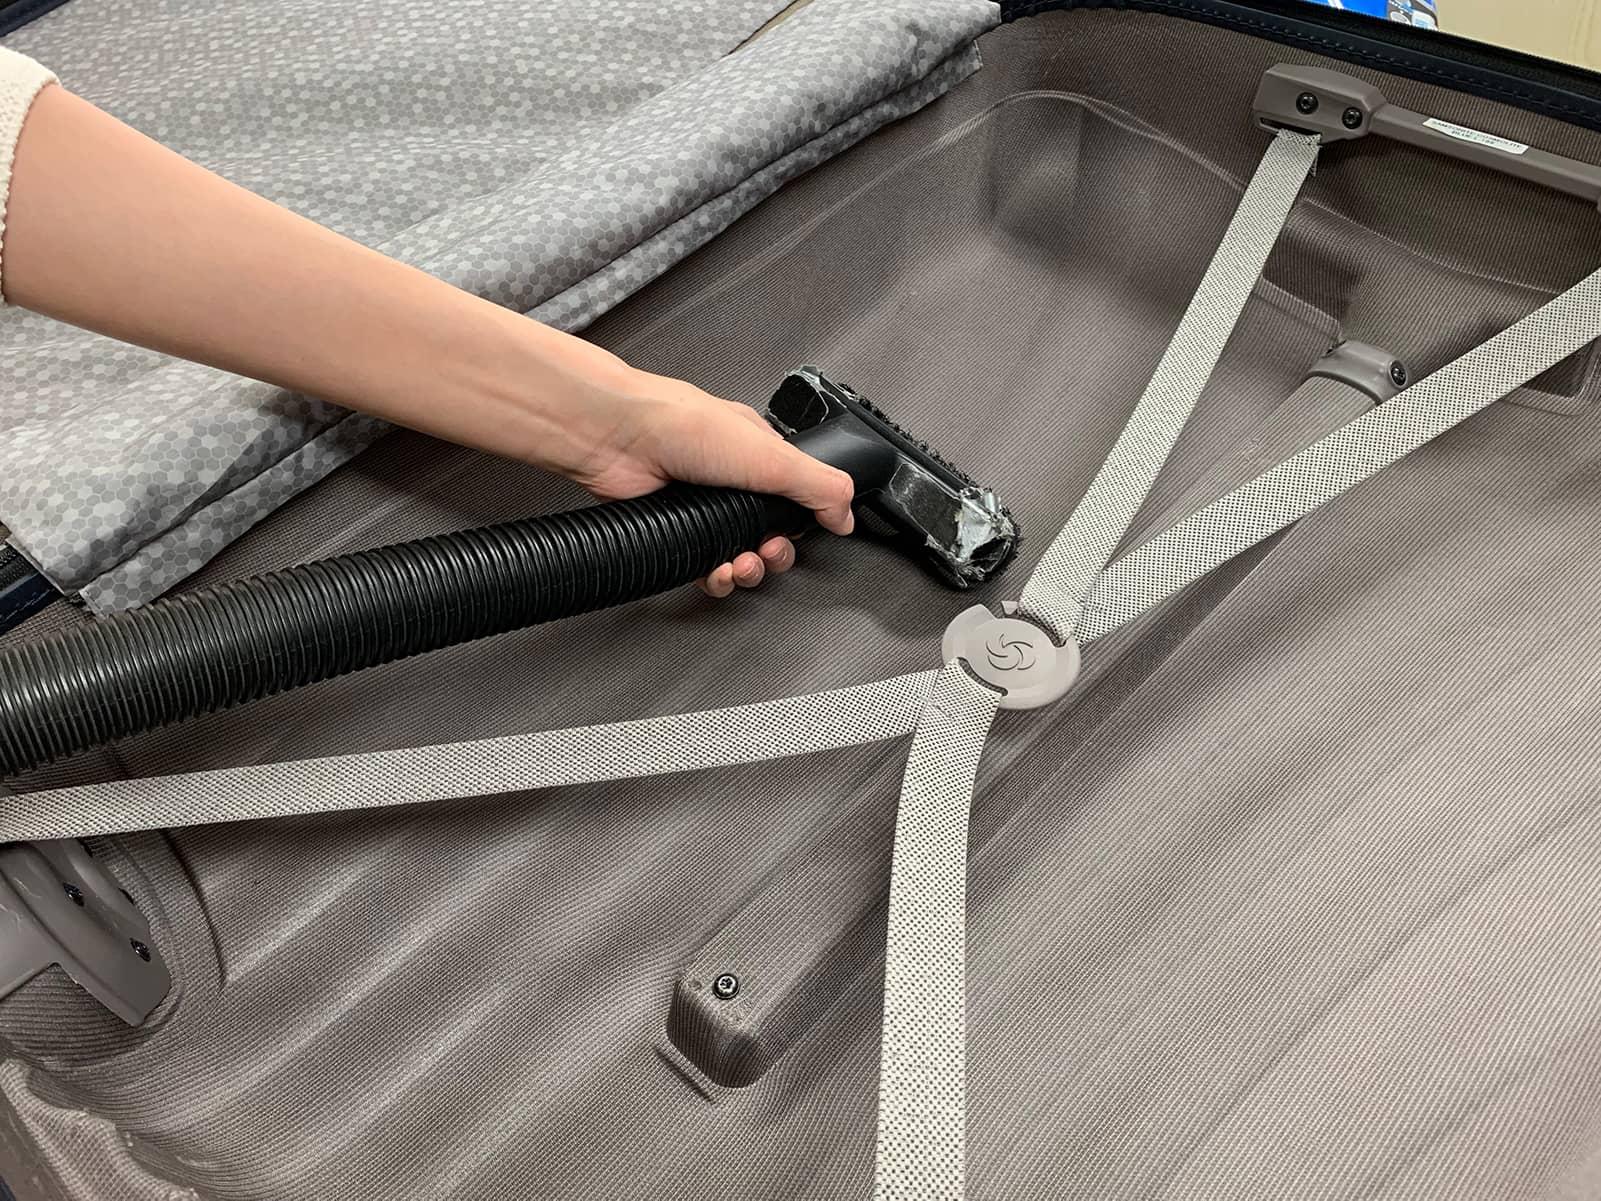 スーツケースの内装に溜まった髪の毛や埃を掃除機で吸い取っている様子